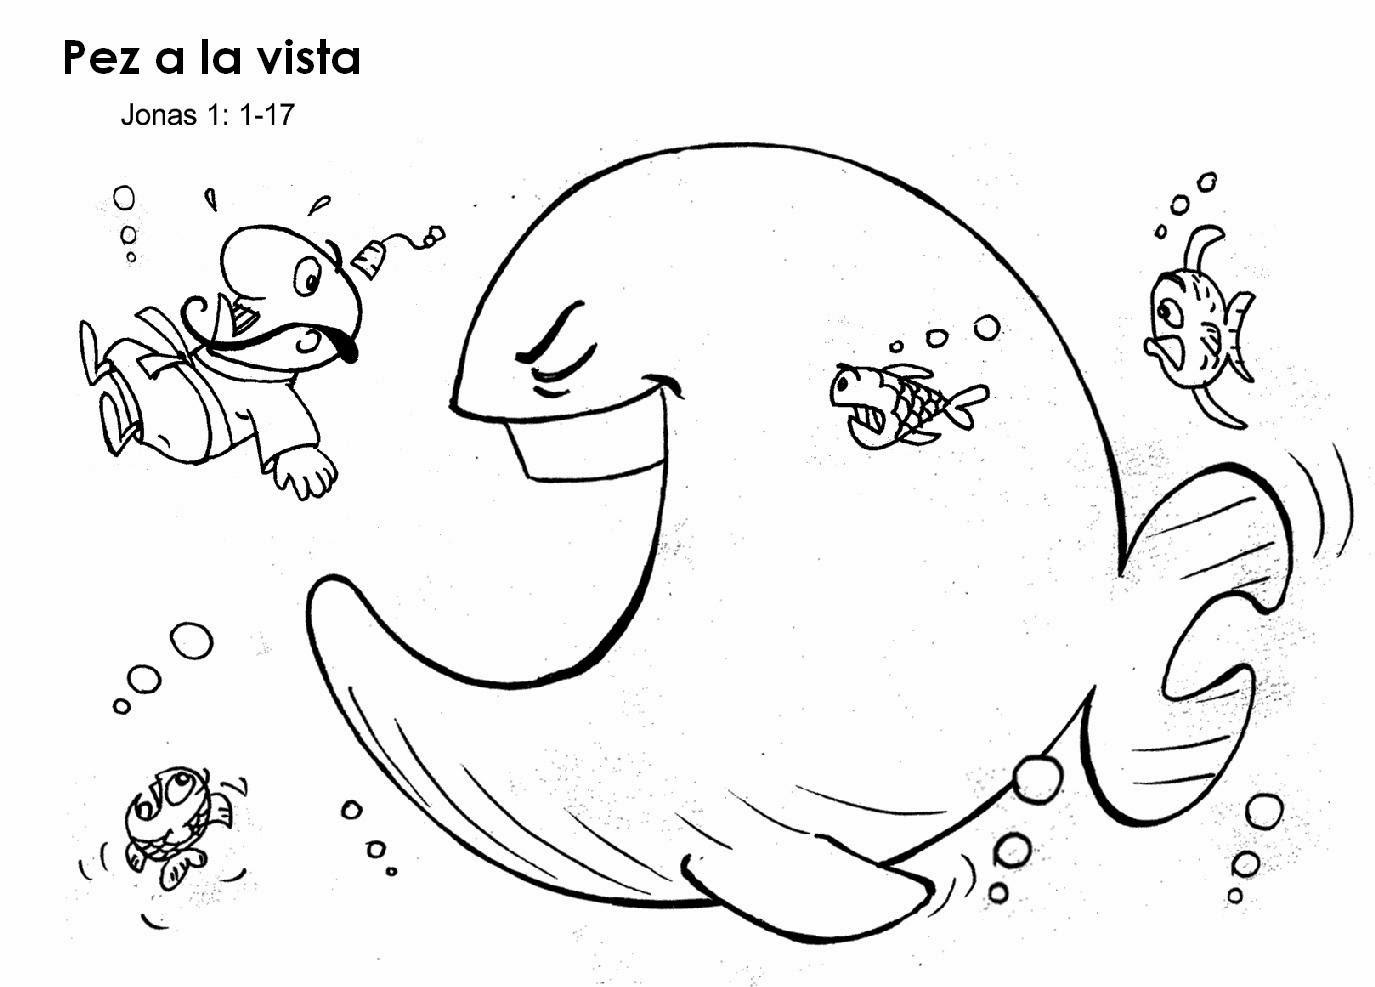 Dibujos_Para_Colorear_De_Jonas_y_la_Ballena18.jpg